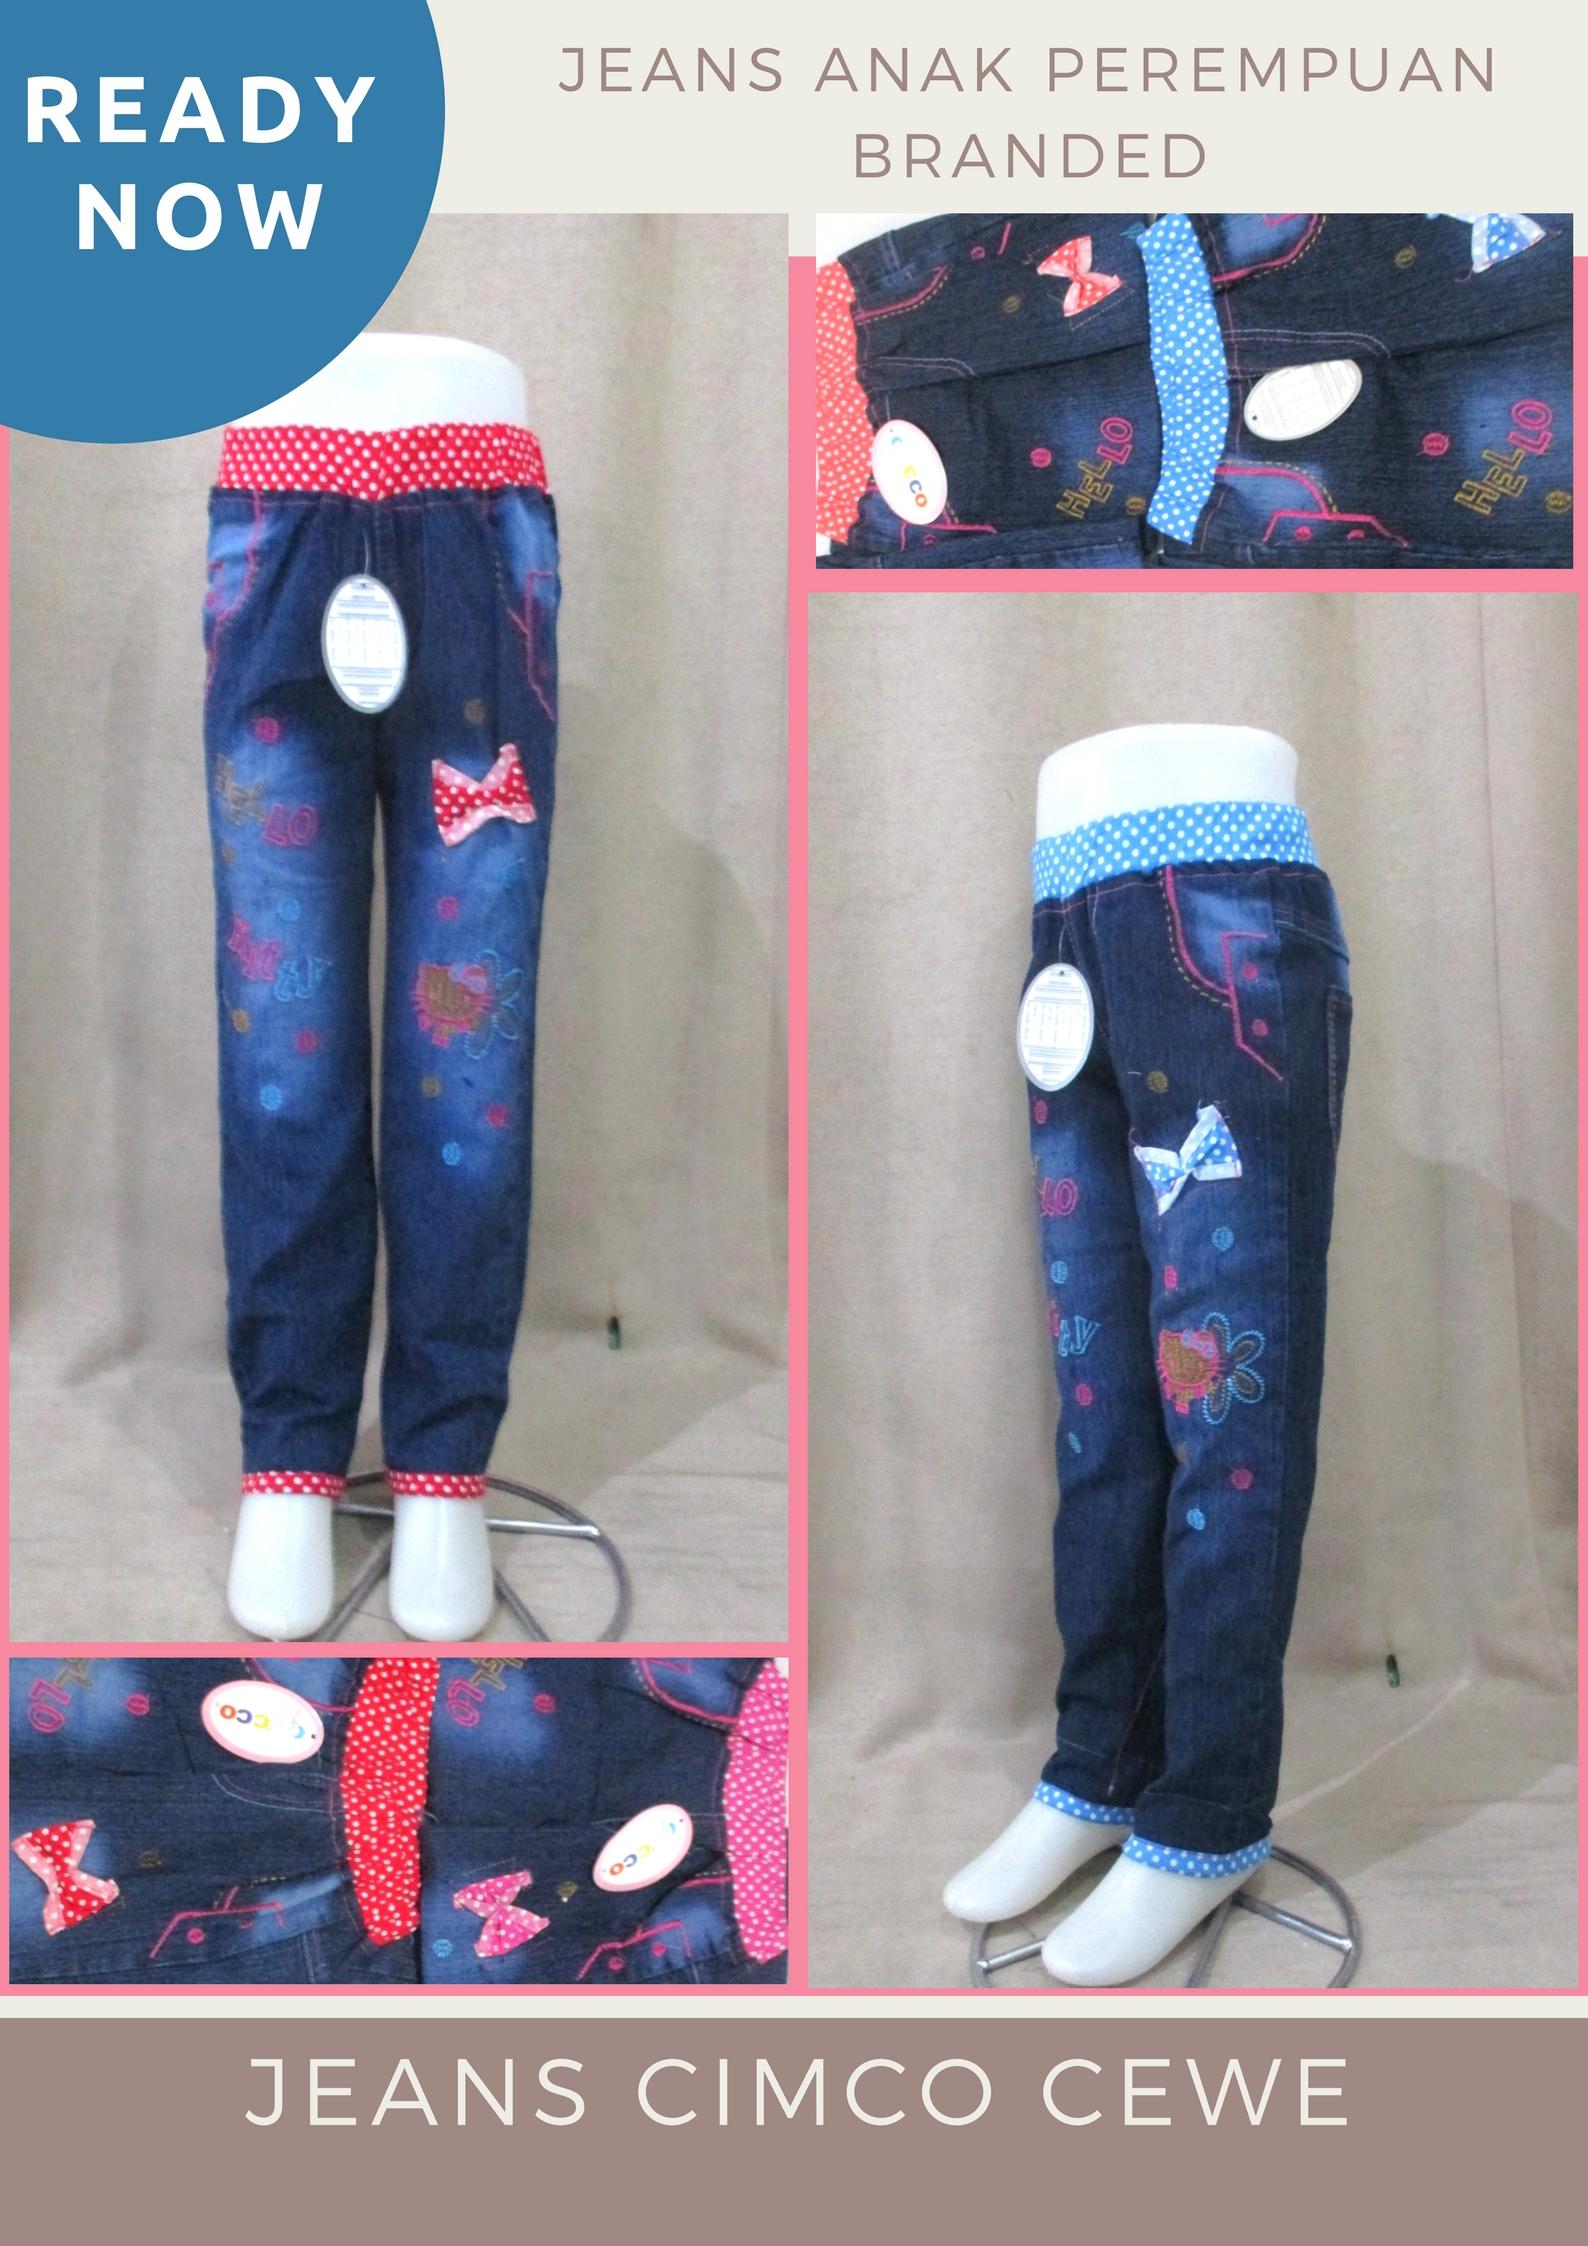 Pusat Grosir Baju Murah Solo Klewer 2019 Distributor Celana Jeans Cimco Anak Perempuan Murah di Solo 35Ribu